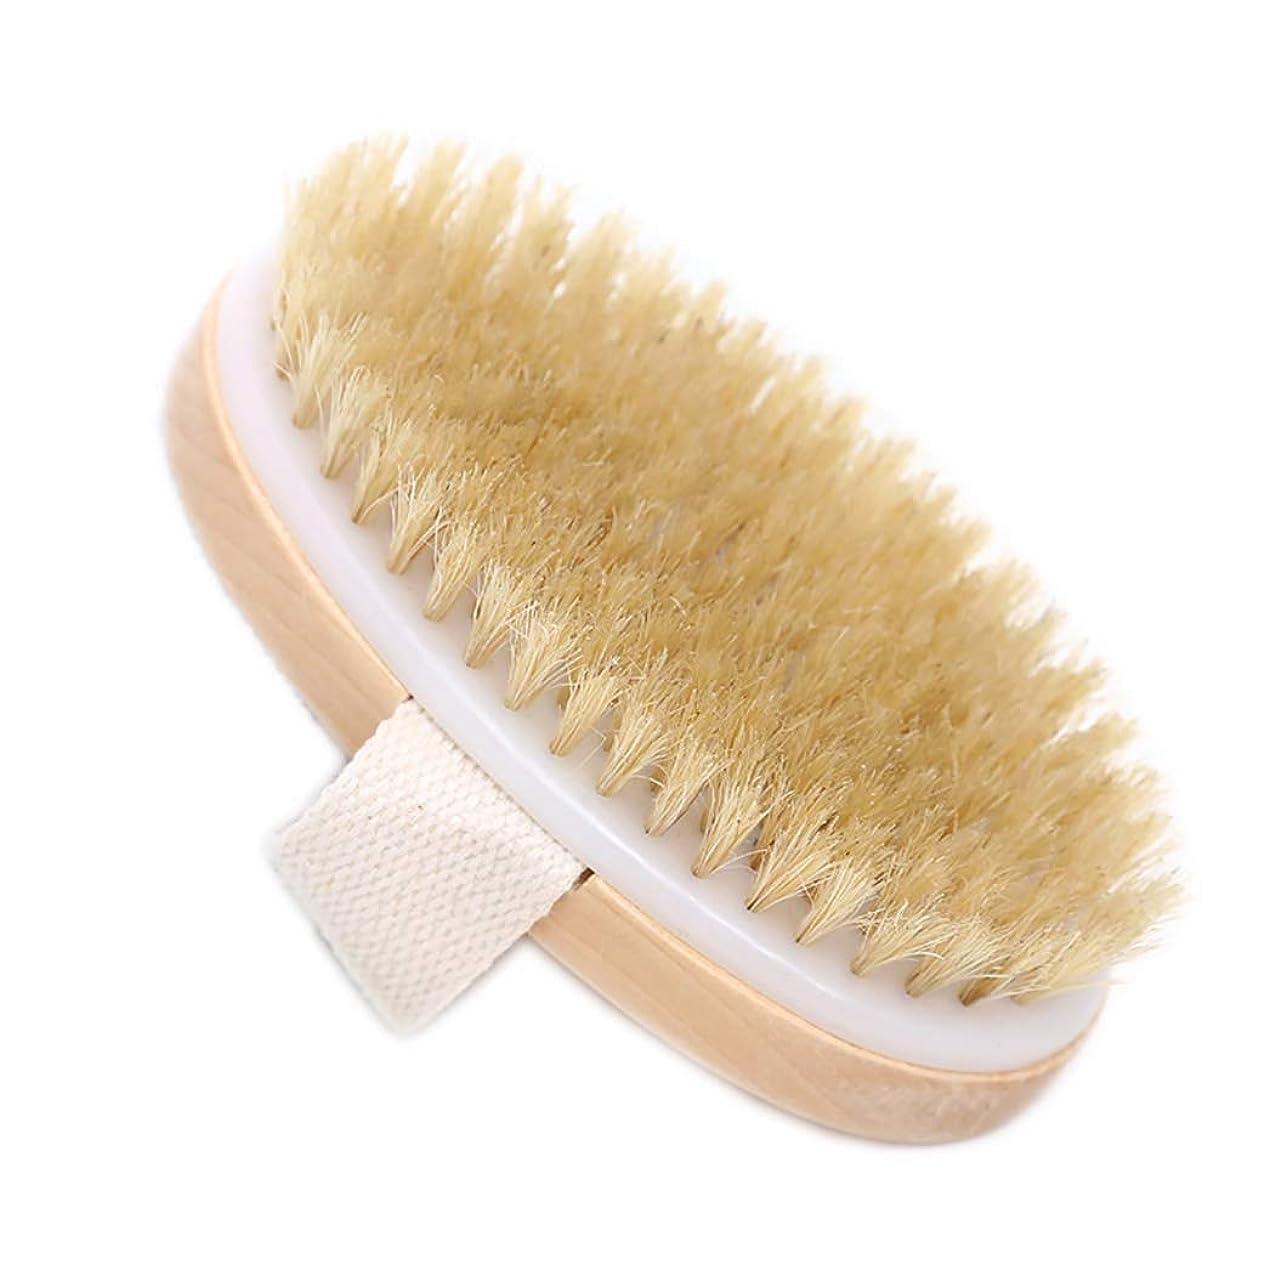 聡明手首性別ボディブラシ 豚毛 天然素材 木製 短柄 足を洗う